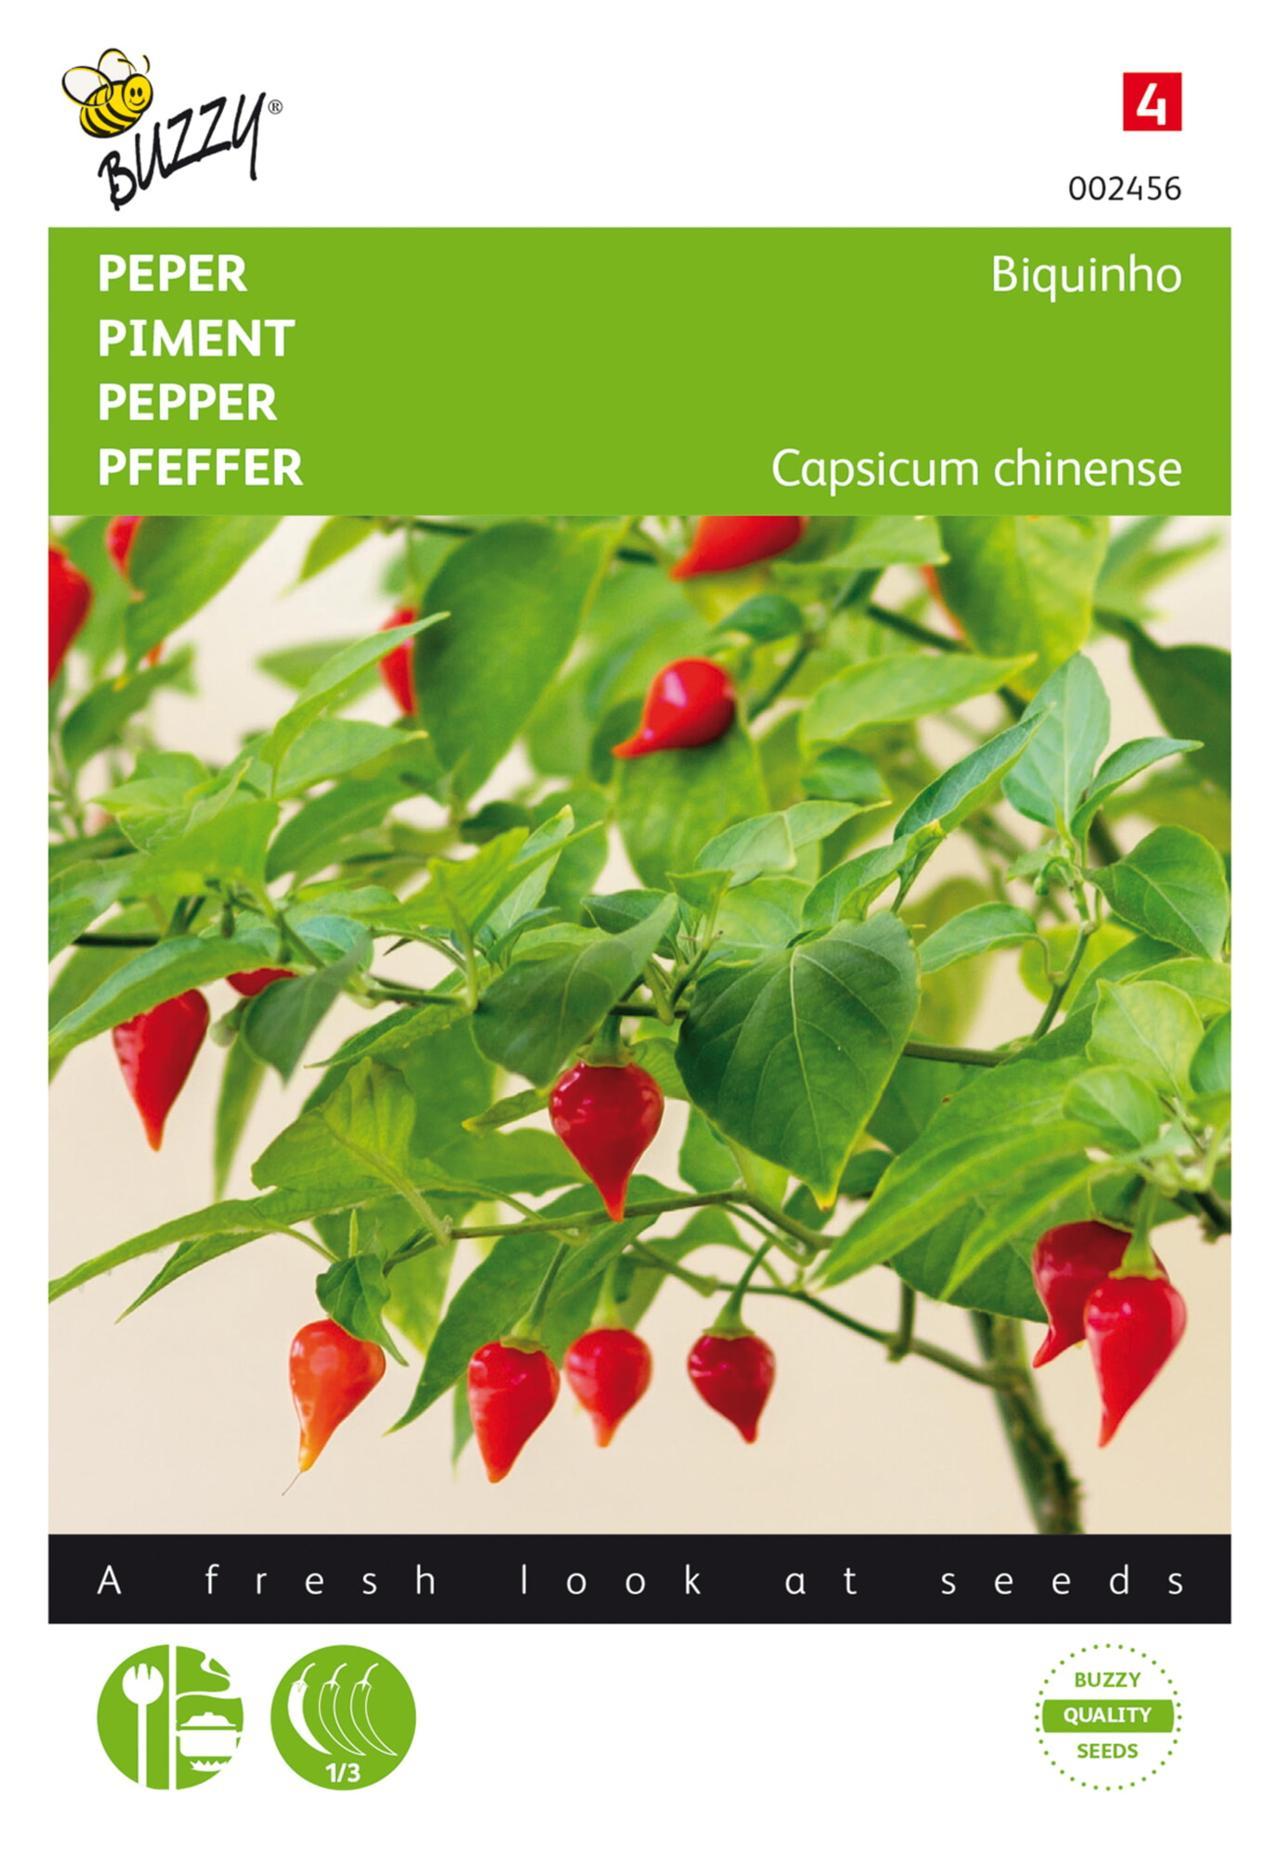 Capsicum chinense 'Biquinho' plant